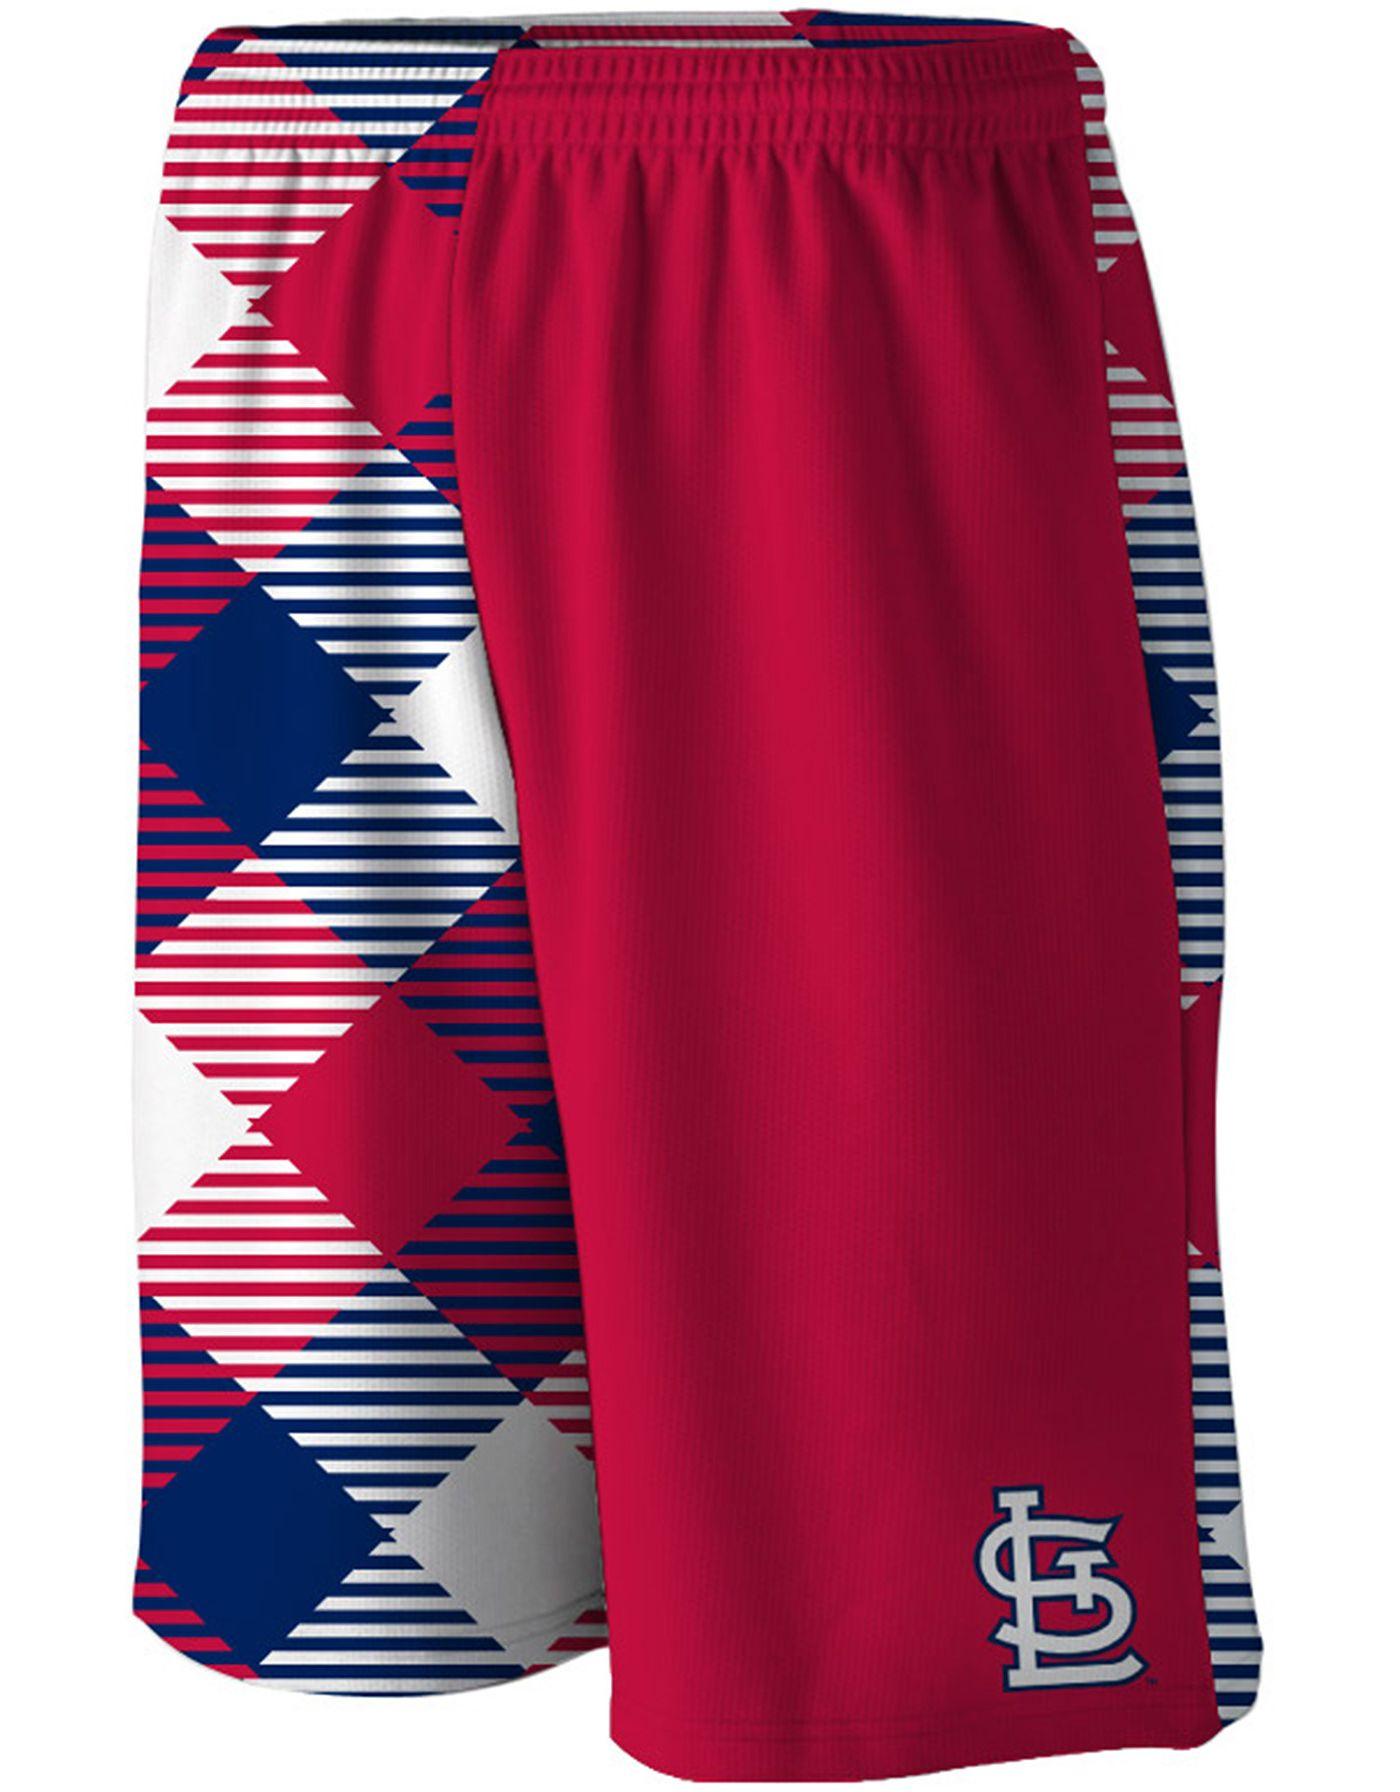 Loudmouth Men's St. Louis Cardinals Gym Shorts